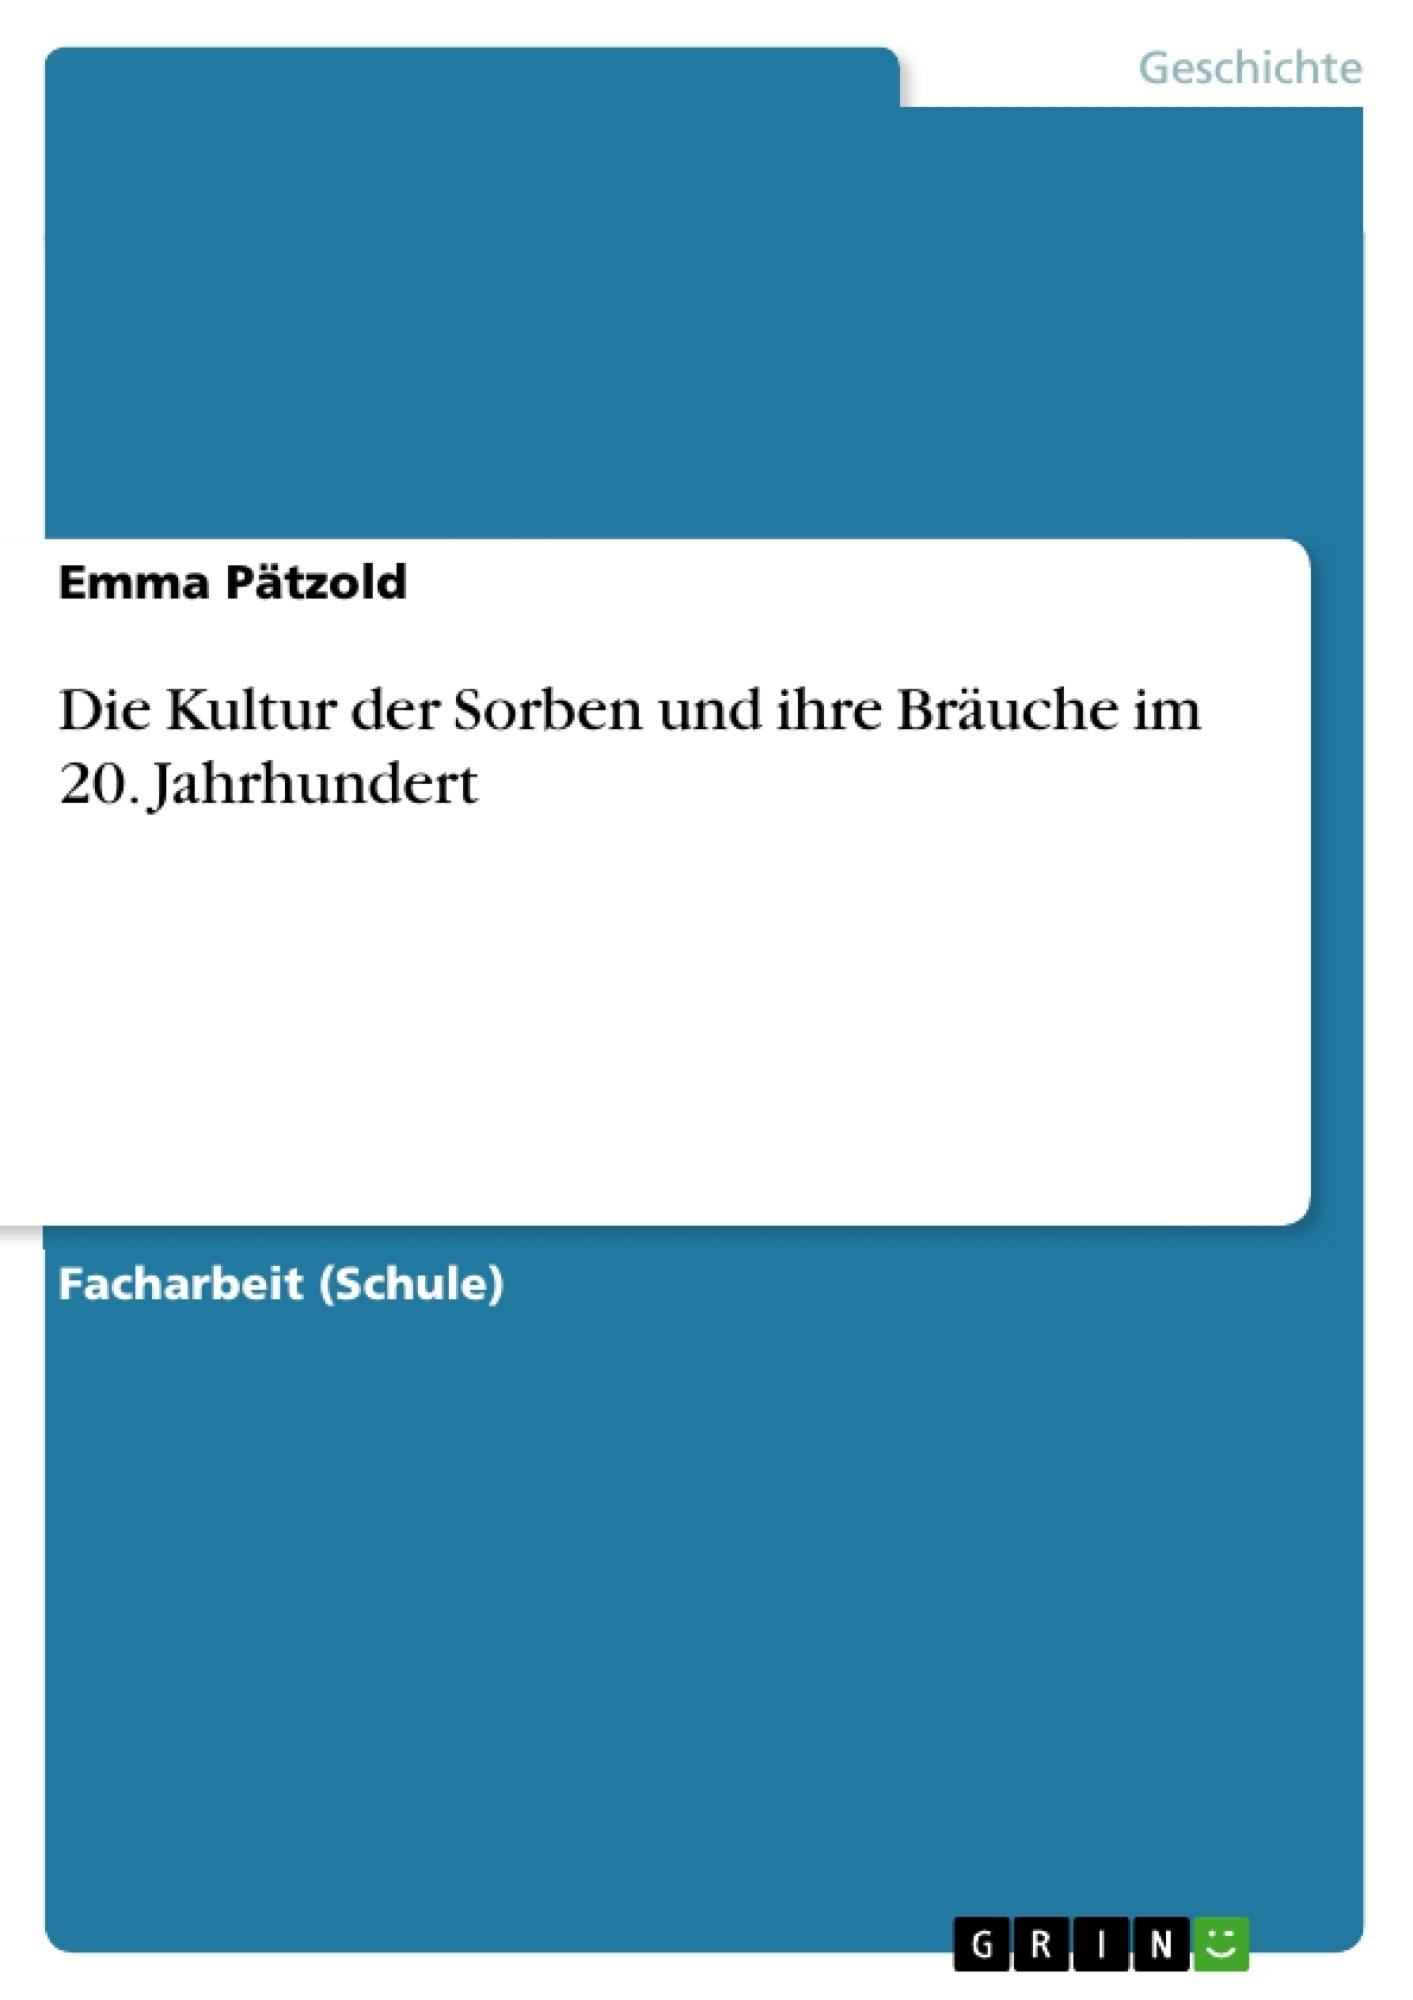 Titel: Die Kultur der Sorben und ihre Bräuche im 20. Jahrhundert